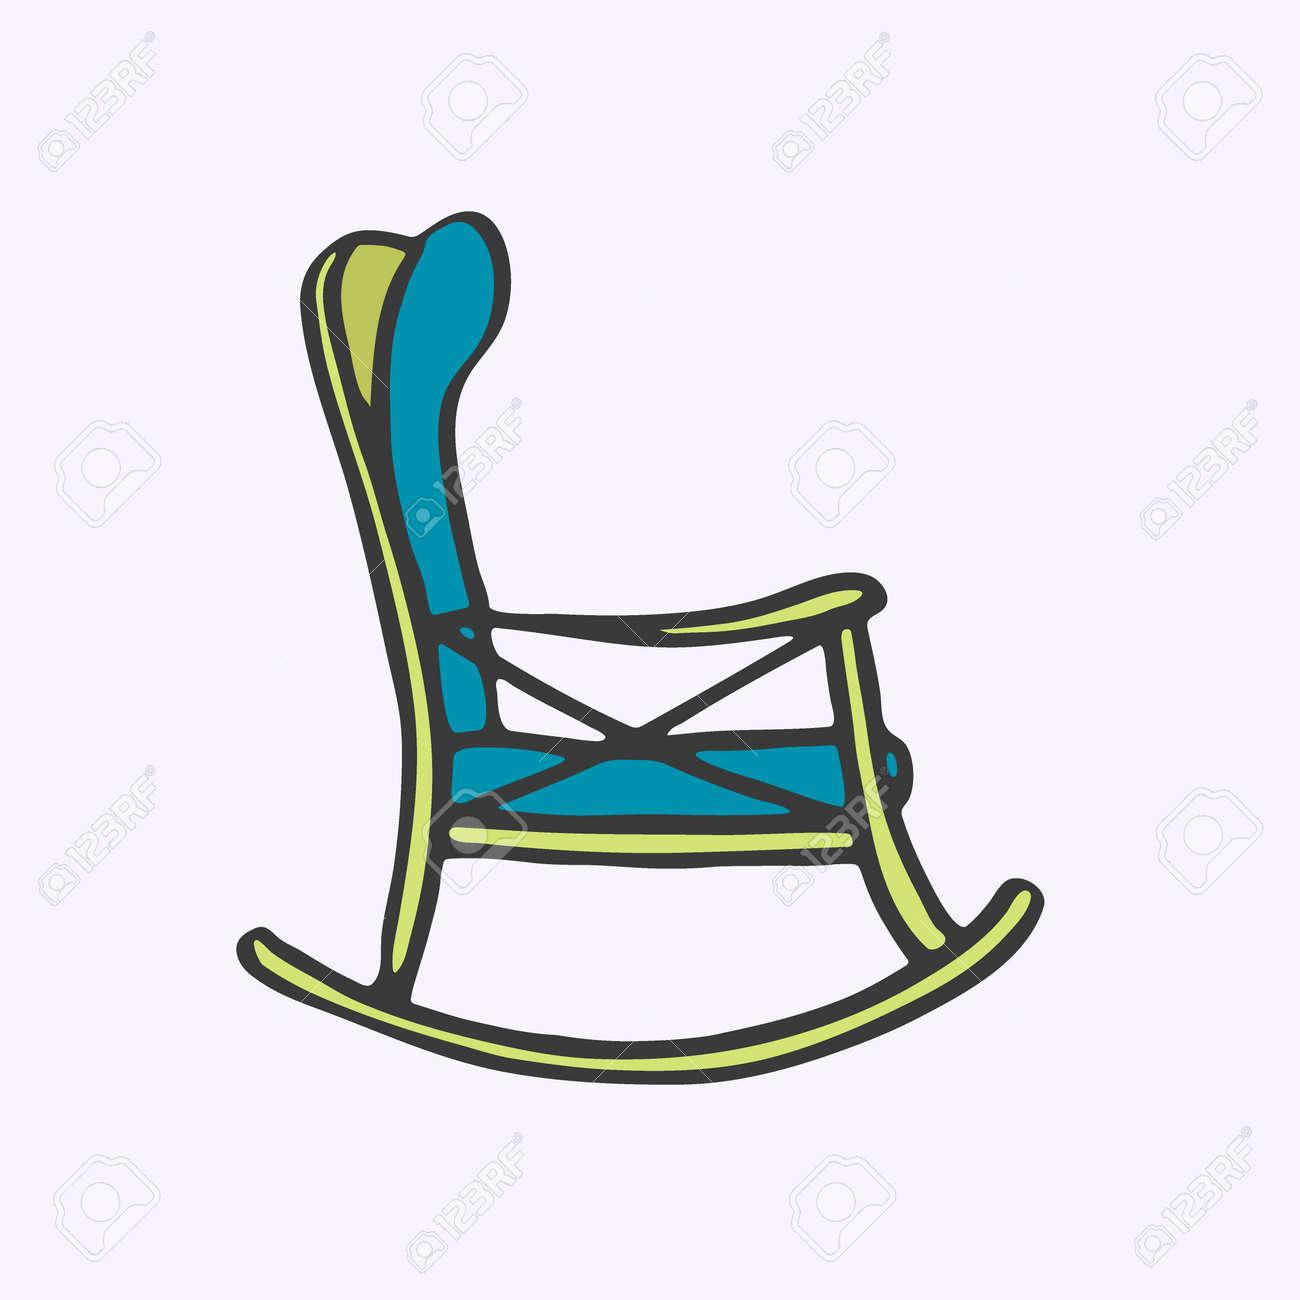 Chaise A Bascule Chaise De Bande Dessinee Dessinee A La Main Pour